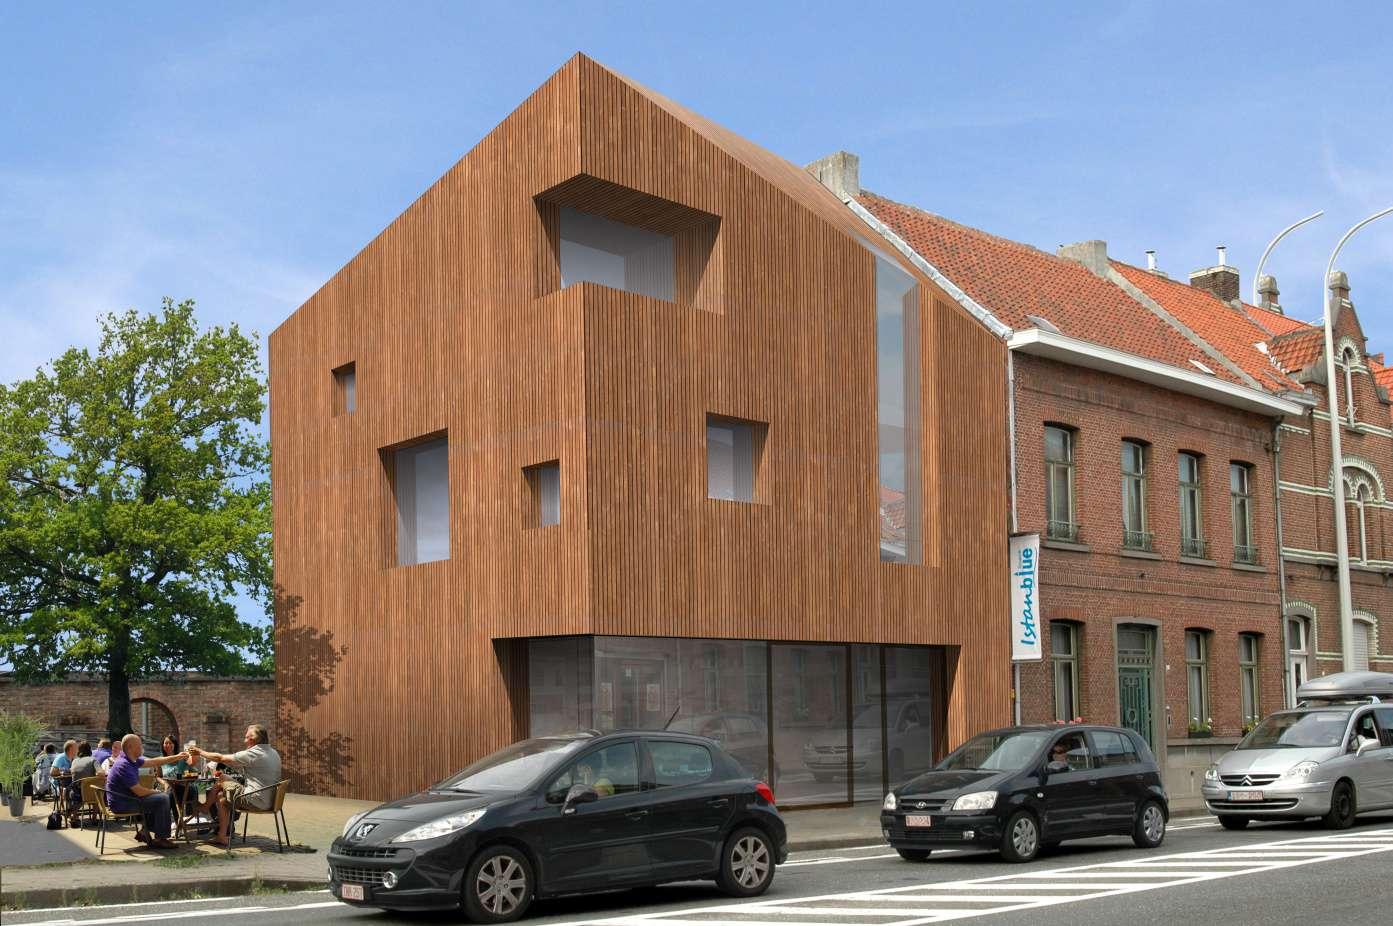 Emergency exit buildings u sean solowski architect